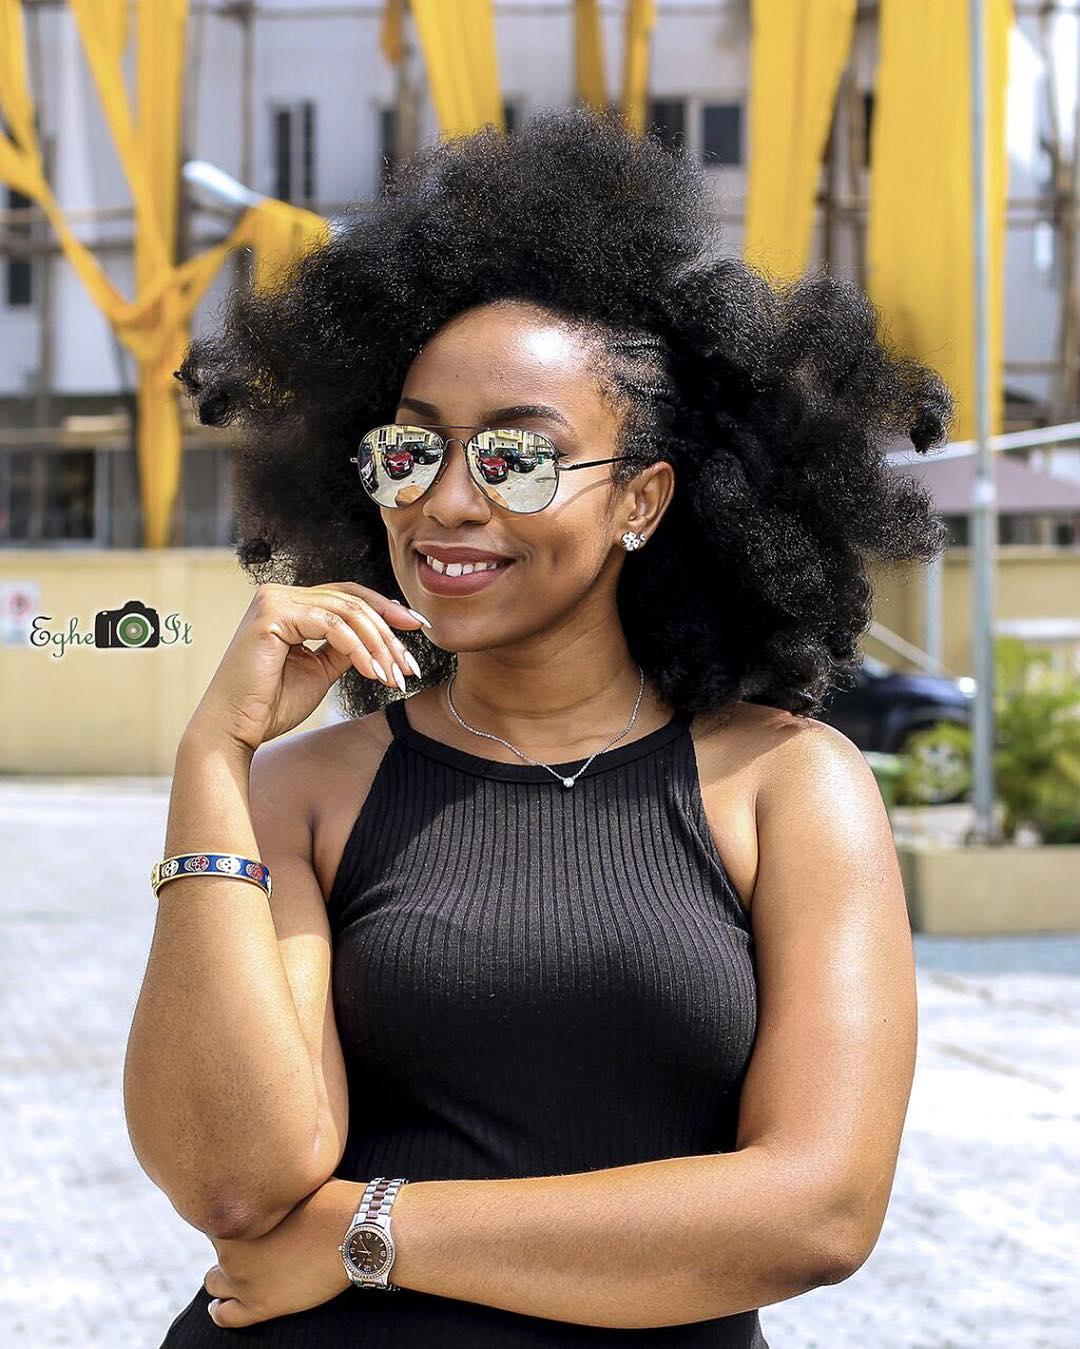 nigerian-women-natural-hair-fashionpolicenigeria-20